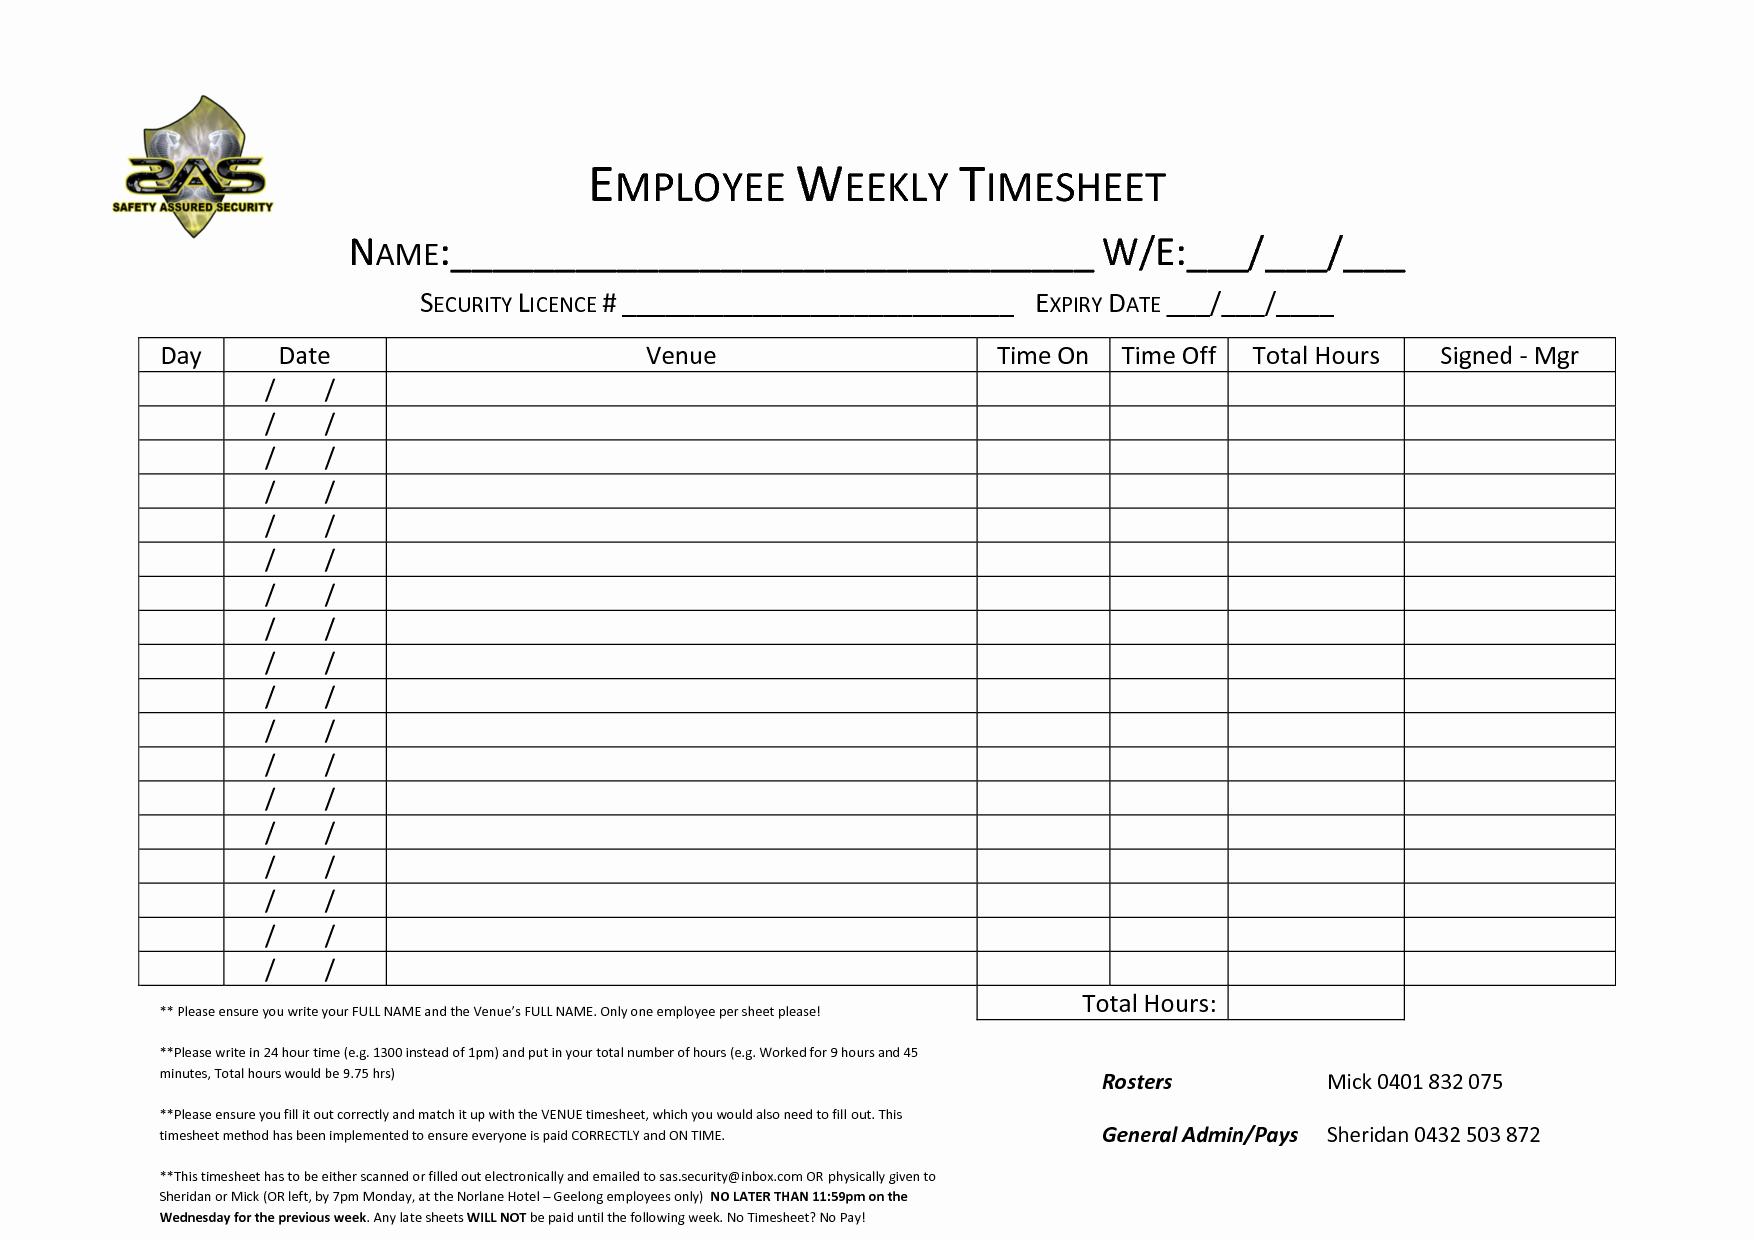 Free Printable Weekly Multiple Employee Timesheet